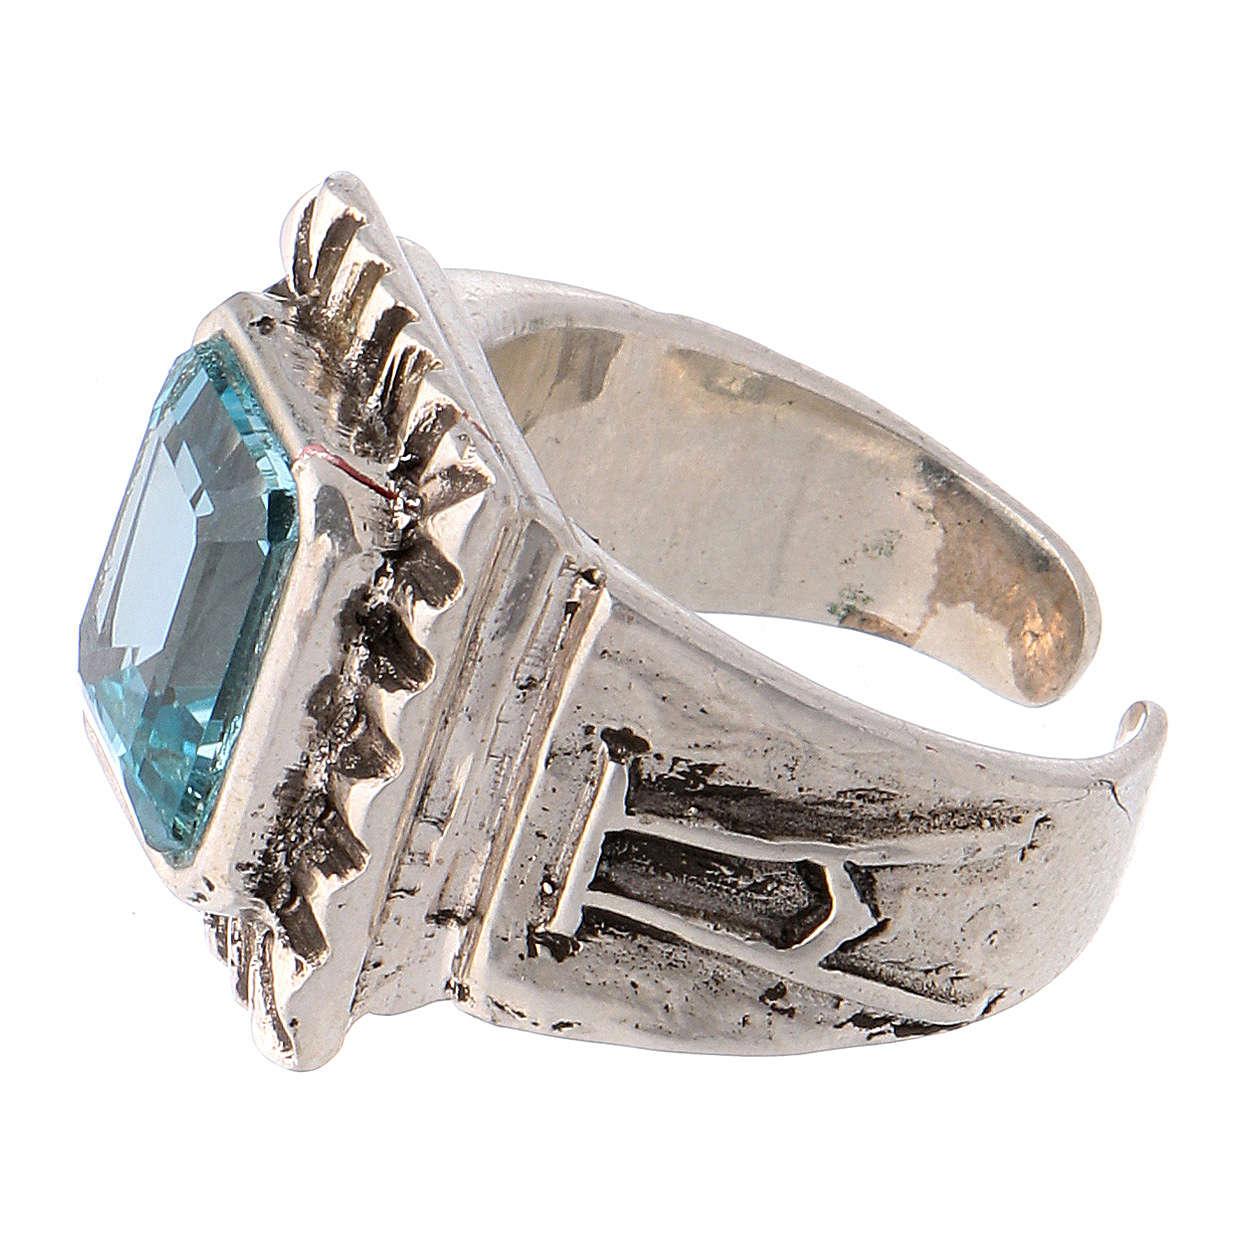 Anello vescovile con topazio sintetico argento 925 3